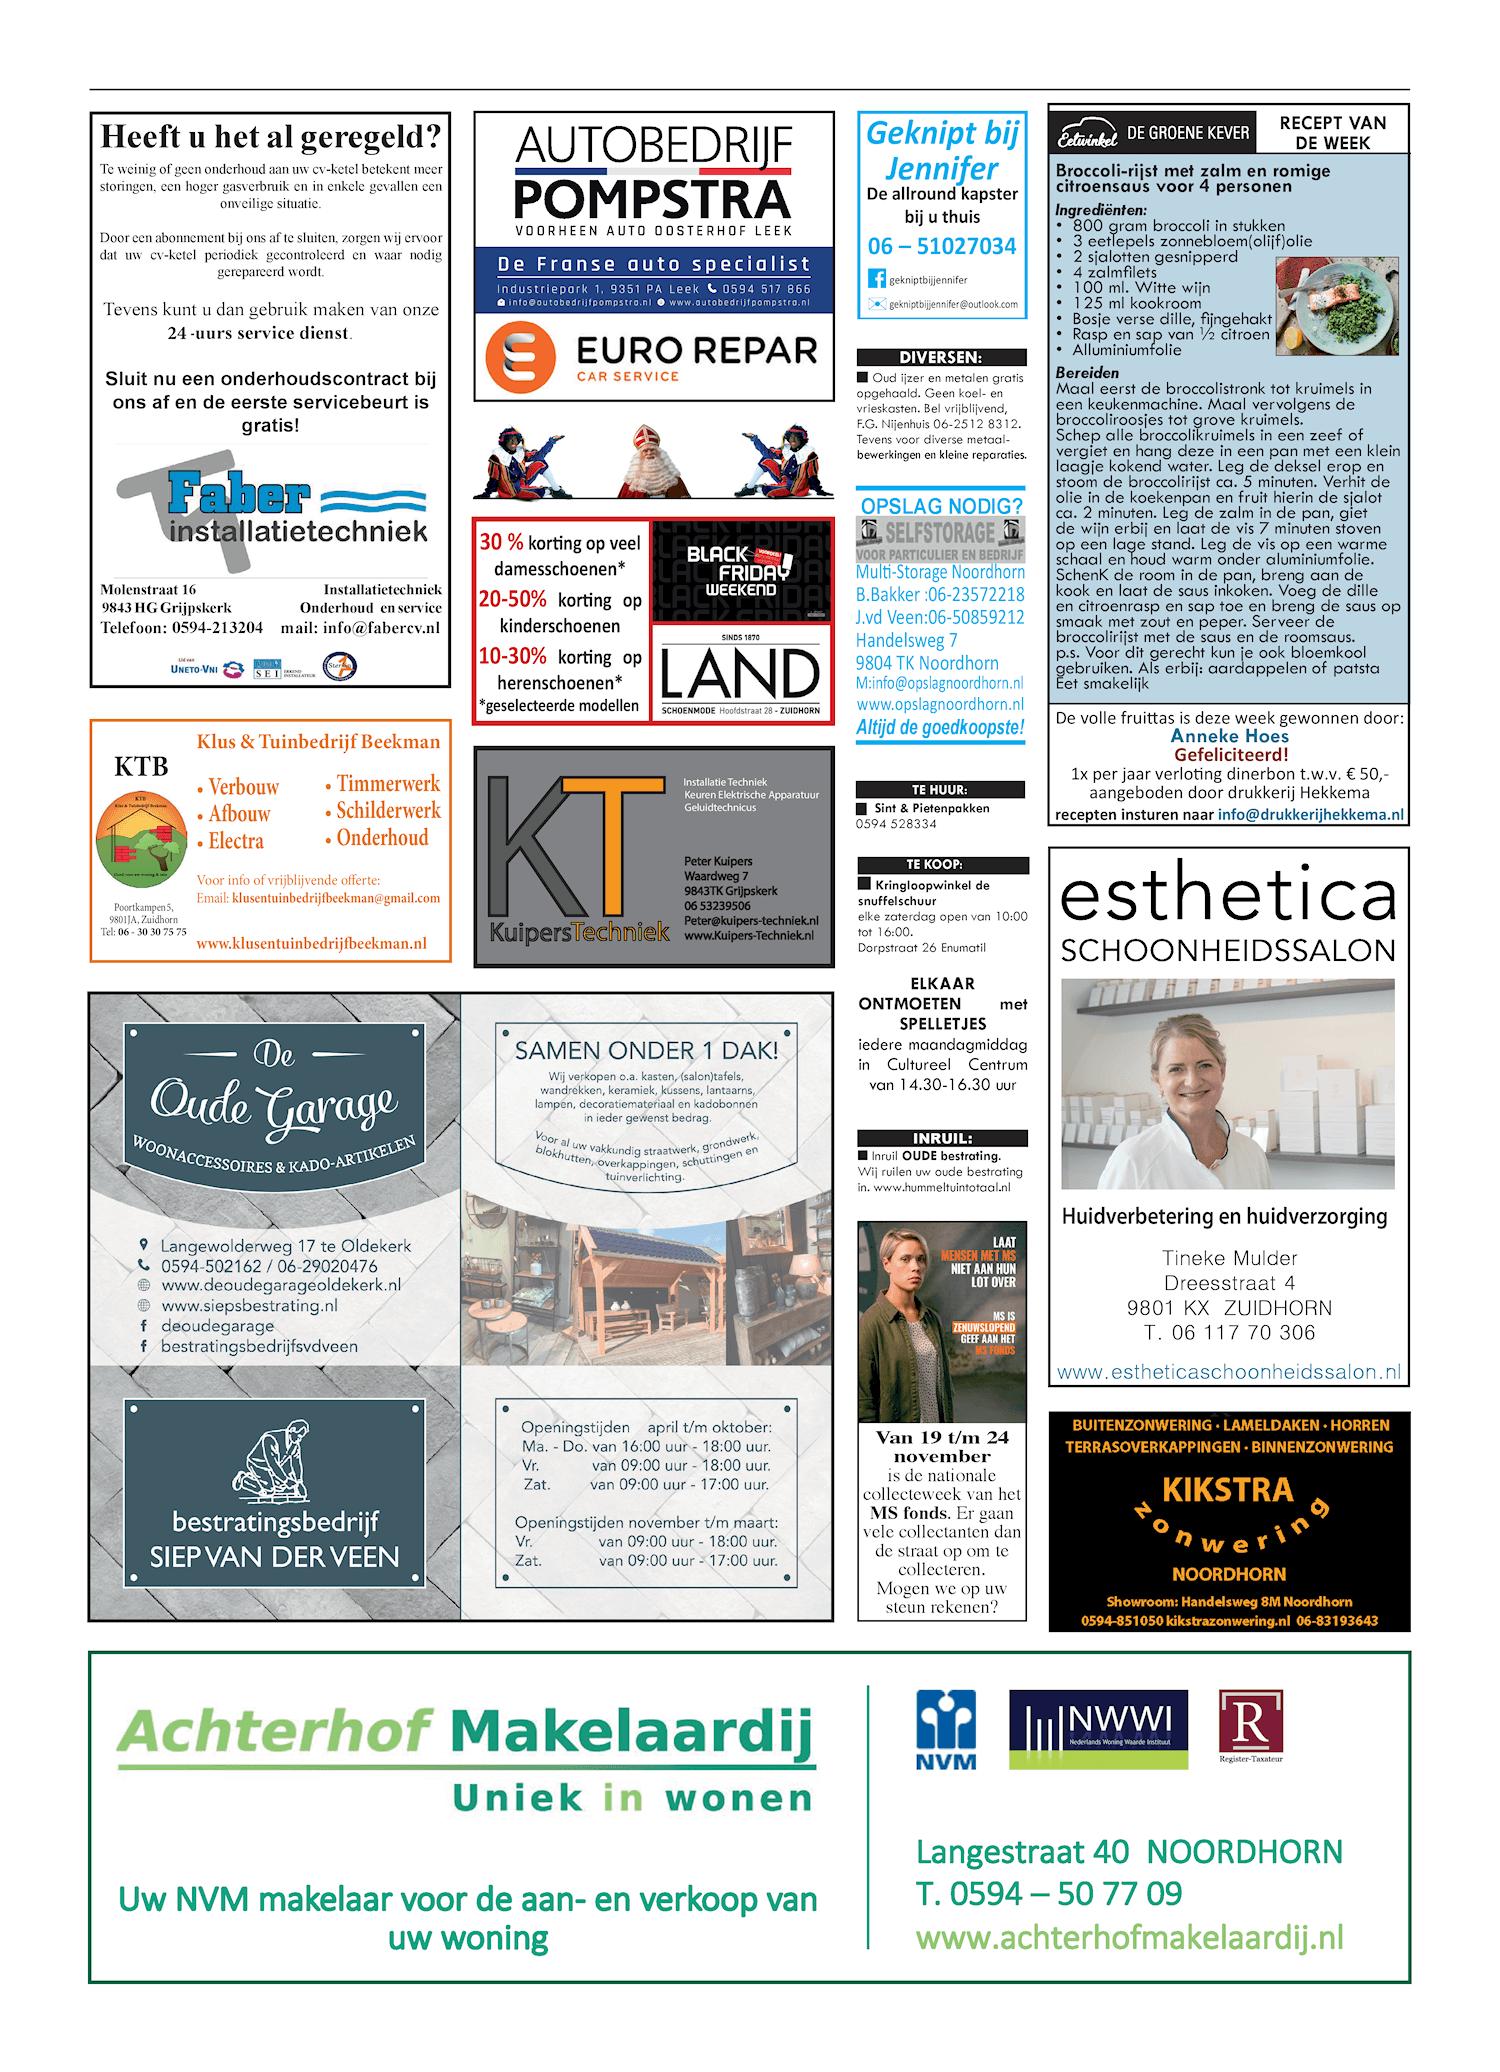 Drukkerij Hekkema - Zuidhorn - Zaken die uw aandacht vragen 2018 week 47